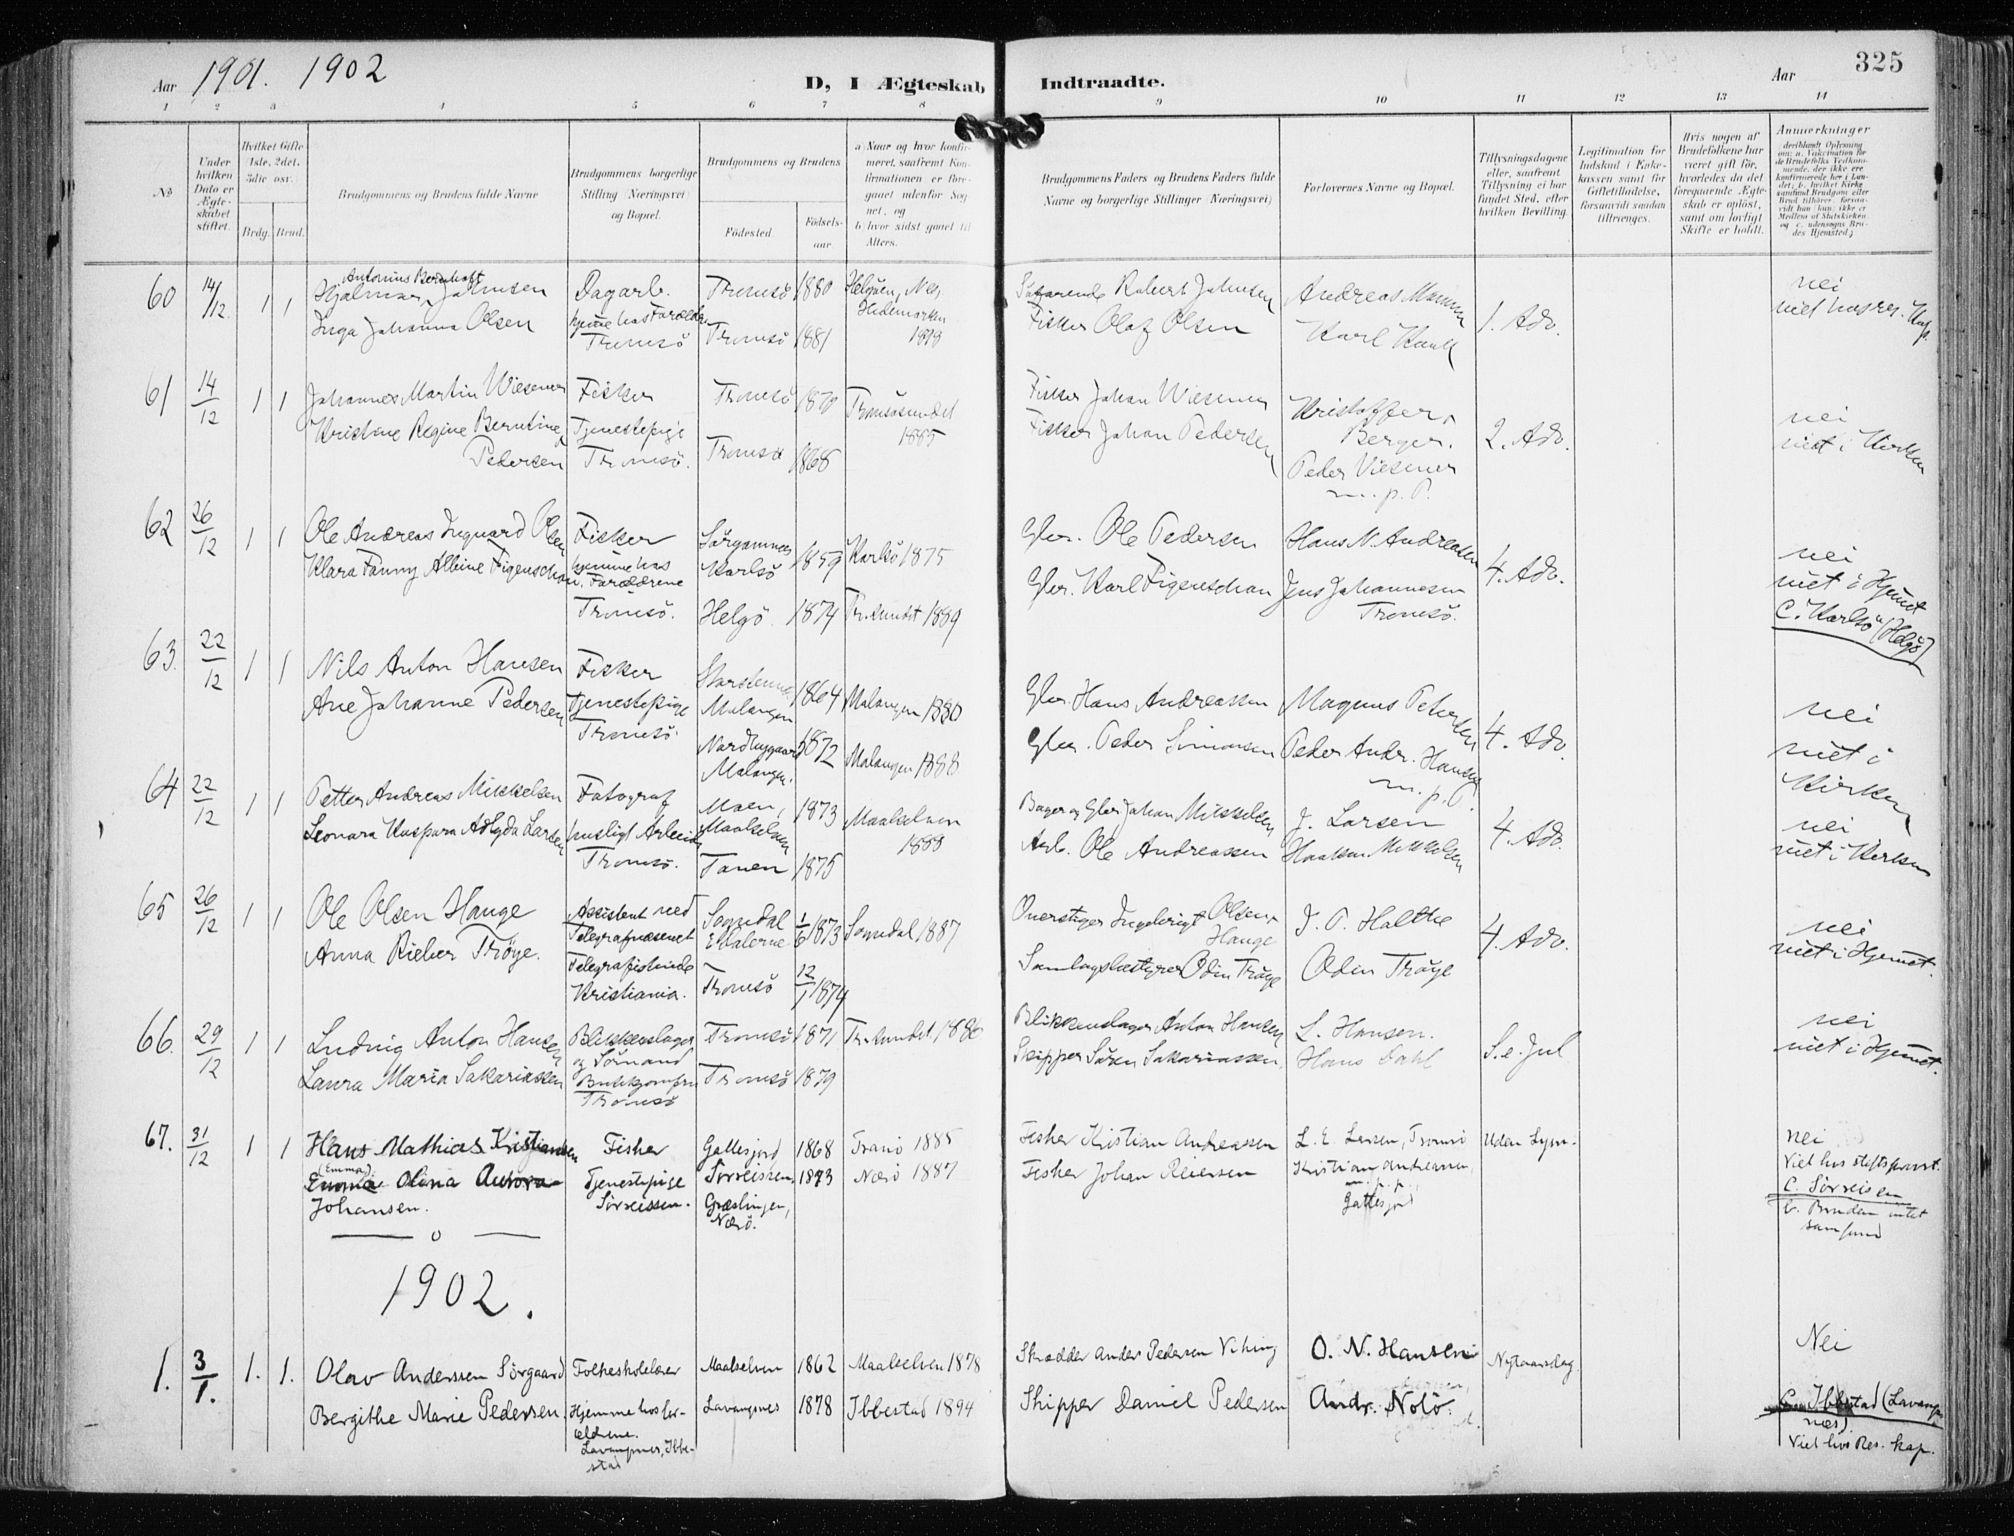 SATØ, Tromsø sokneprestkontor/stiftsprosti/domprosti, G/Ga/L0016kirke: Ministerialbok nr. 16, 1899-1906, s. 325